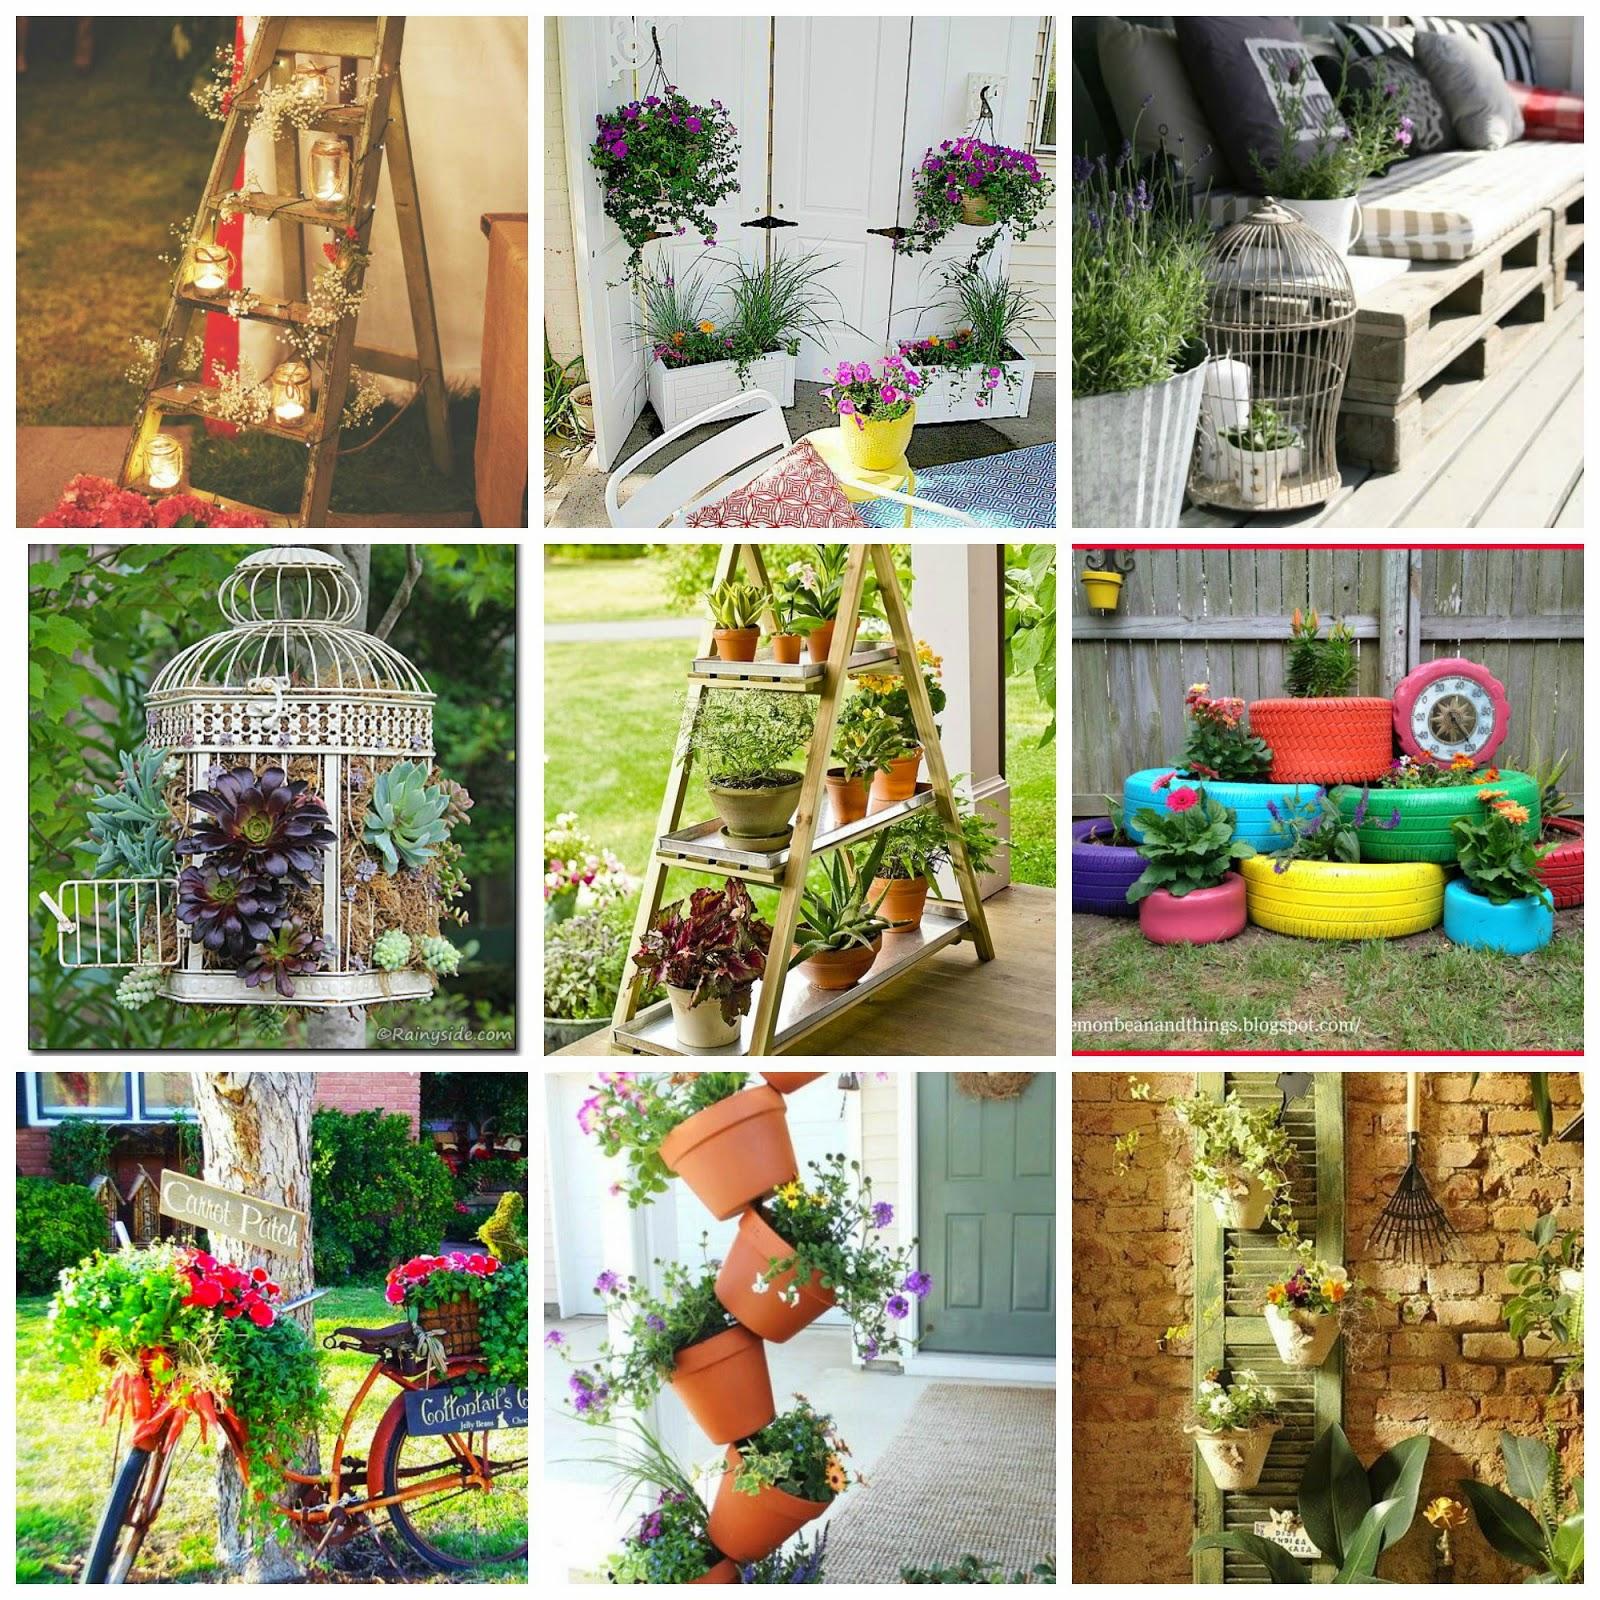 Idee fai da te per arredare il giardino donneinpink magazine for Decorazione giardino fai da te